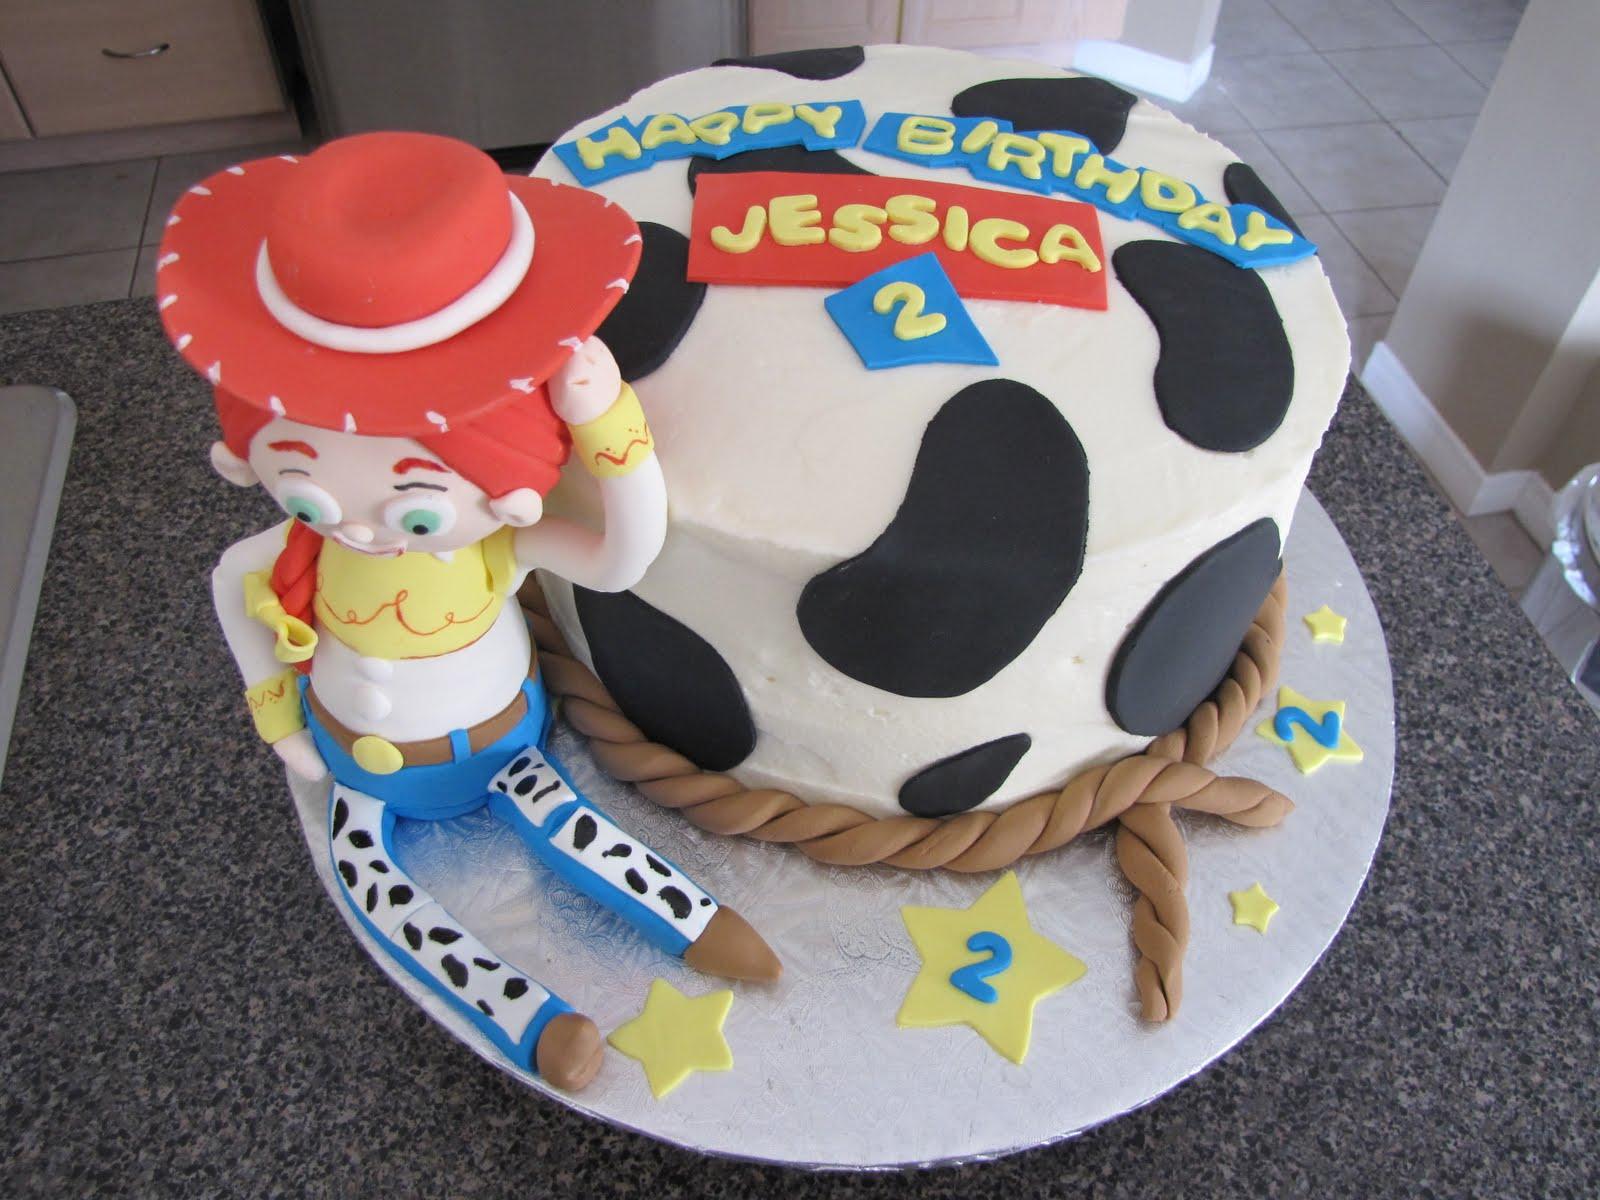 jessie toy story cakes